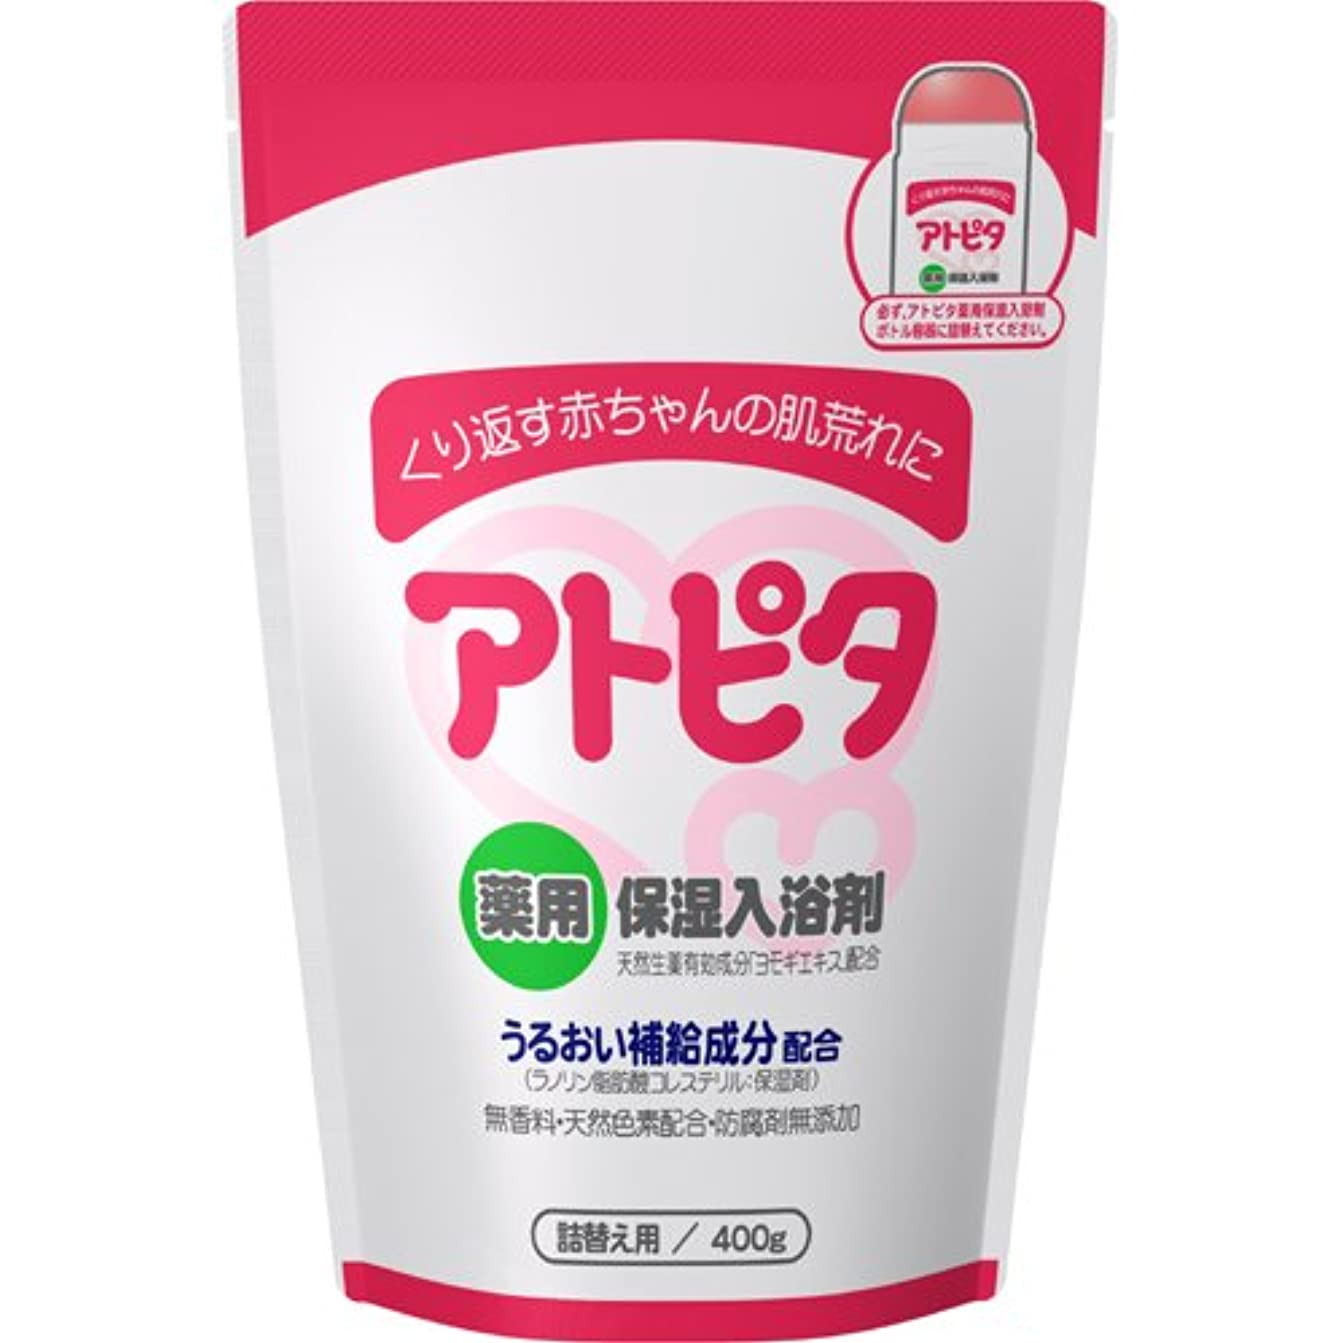 餌流暢クラッチ新アルエット アトピタ 薬用入浴剤 詰替え 400g ×5個セット